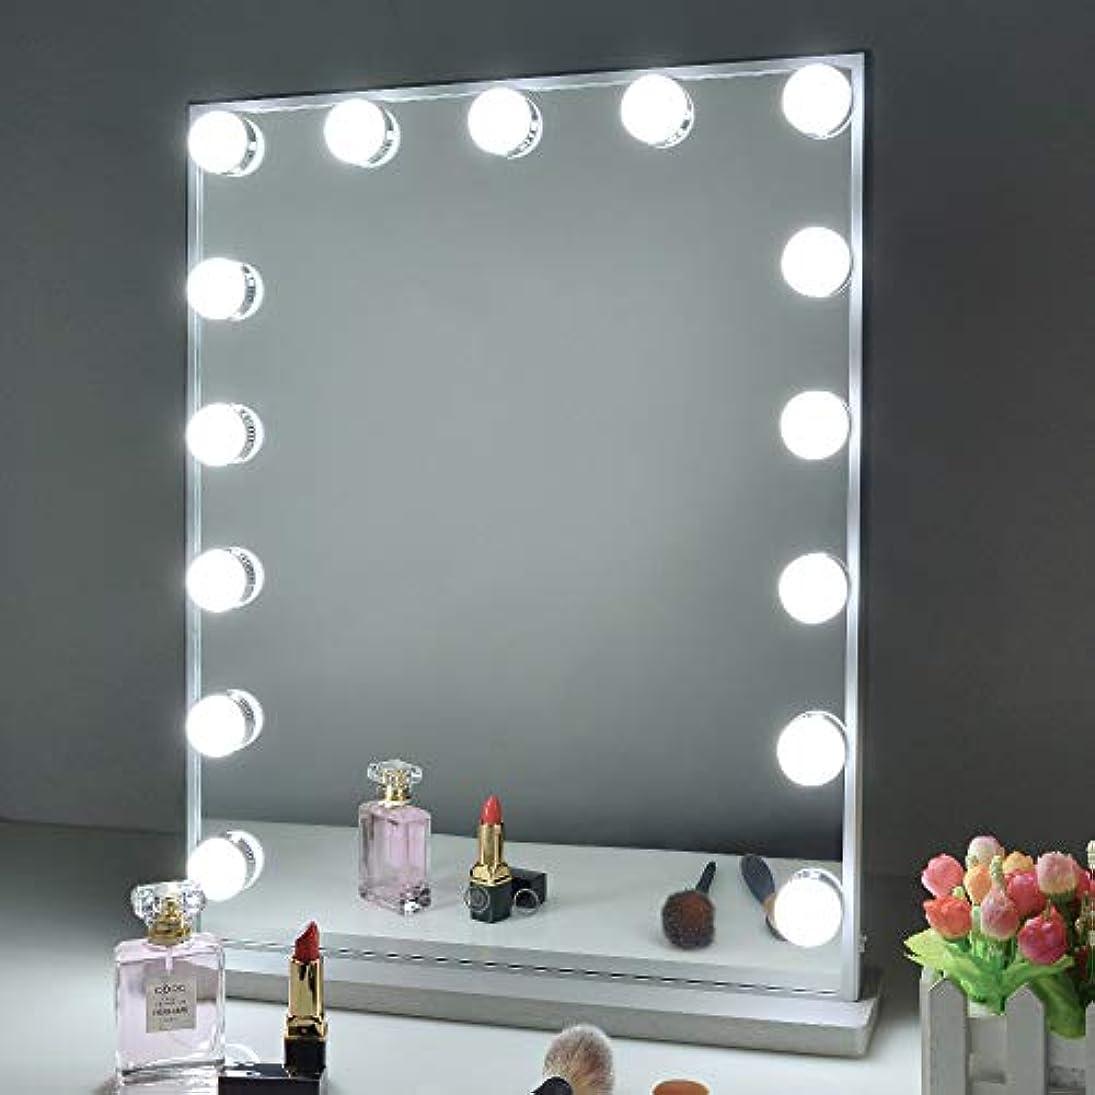 人間パッチ戦うWonstart 女優ミラー led化粧鏡 ハリウッドミラー 15個LED電球付き 寒色?暖色2色調光 明るさ調整可能 スタンド付き 卓上/壁掛け両用(シルバー)